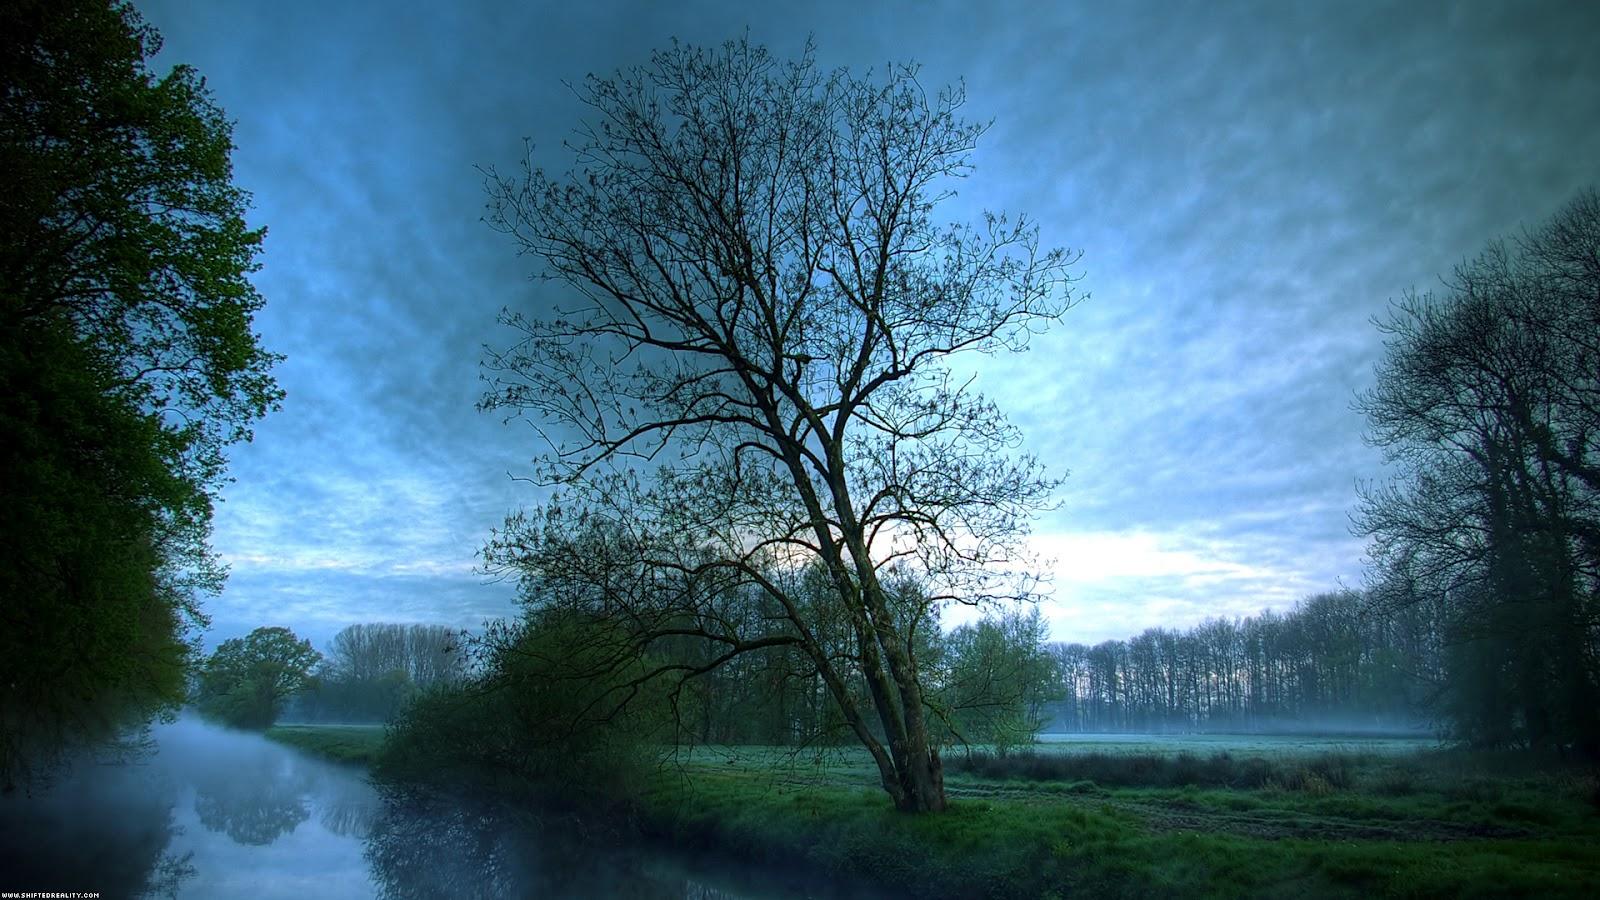 http://3.bp.blogspot.com/-WXU77KM4KaQ/T4hqxGbsjjI/AAAAAAAALKA/XZJe96yTRPM/s1600/25+Fundos+Natureza+HD+3dfoto3d.blogspot.com.br.jpg